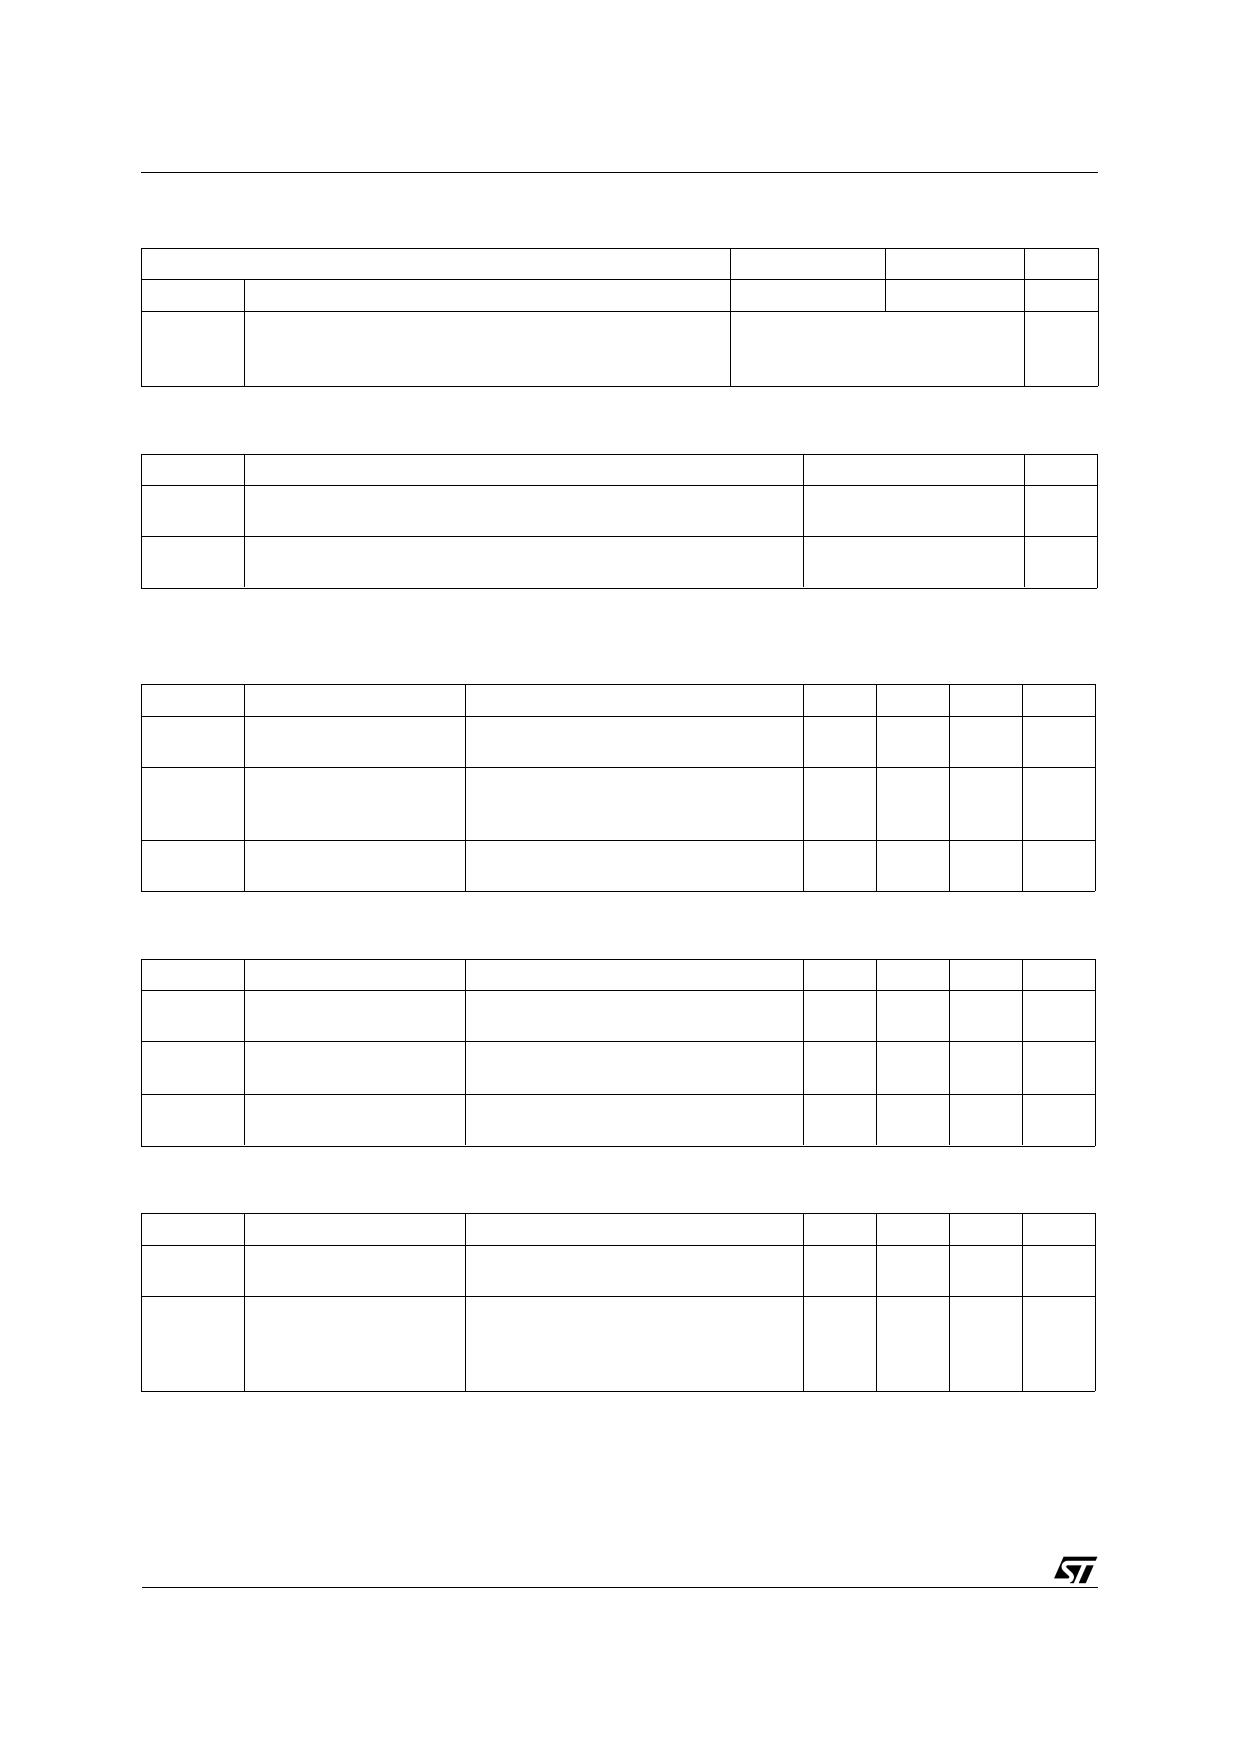 P36NE06 pdf pinout